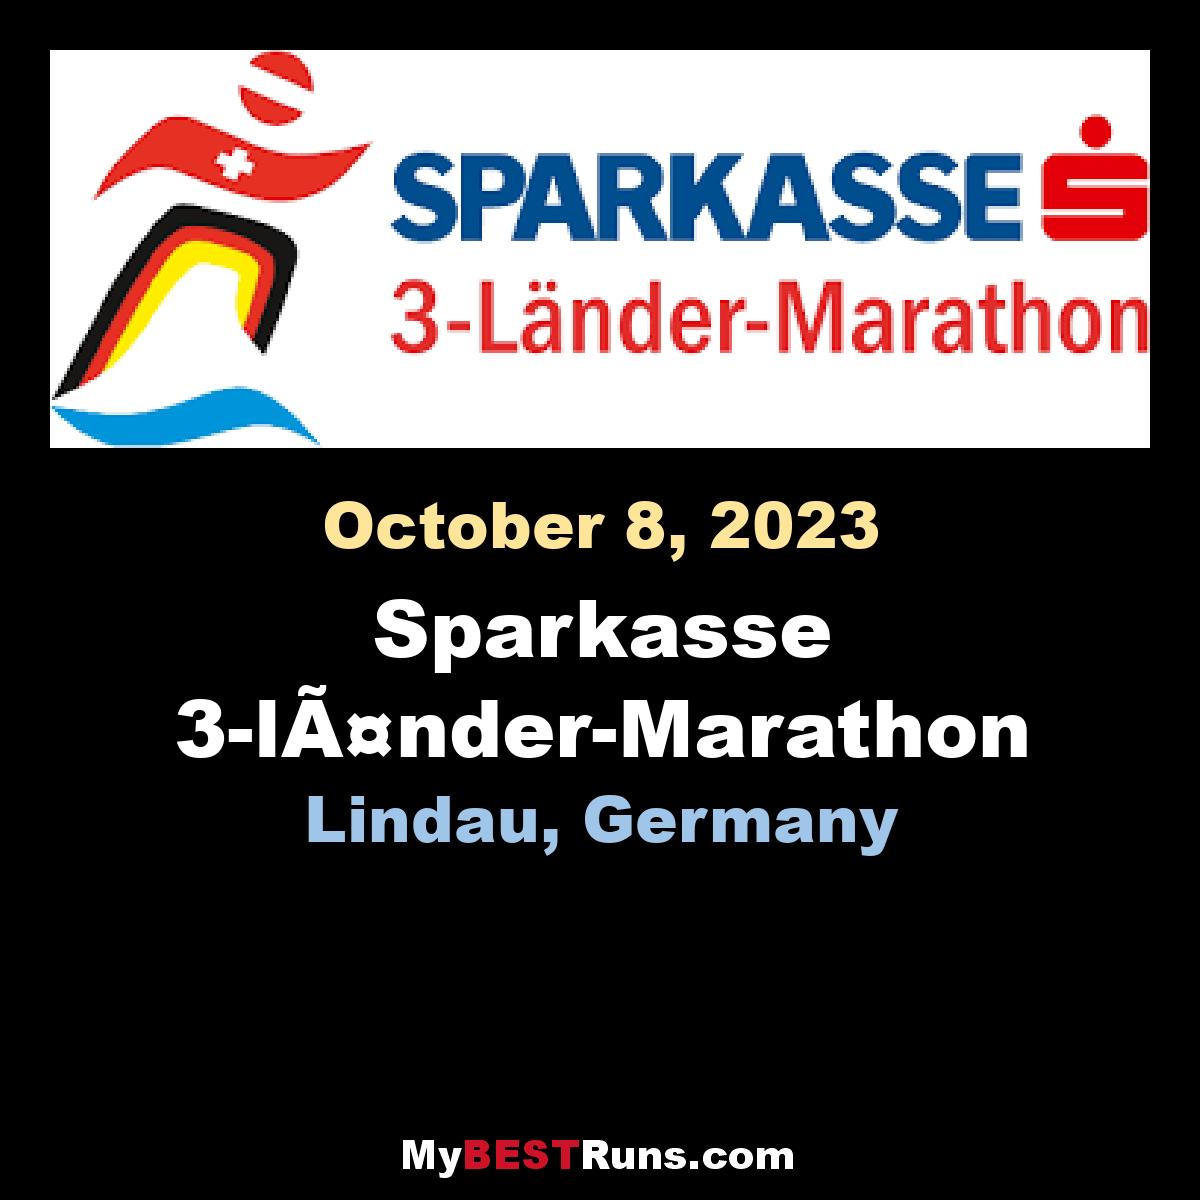 Sparkasse 3-lander-Marathon